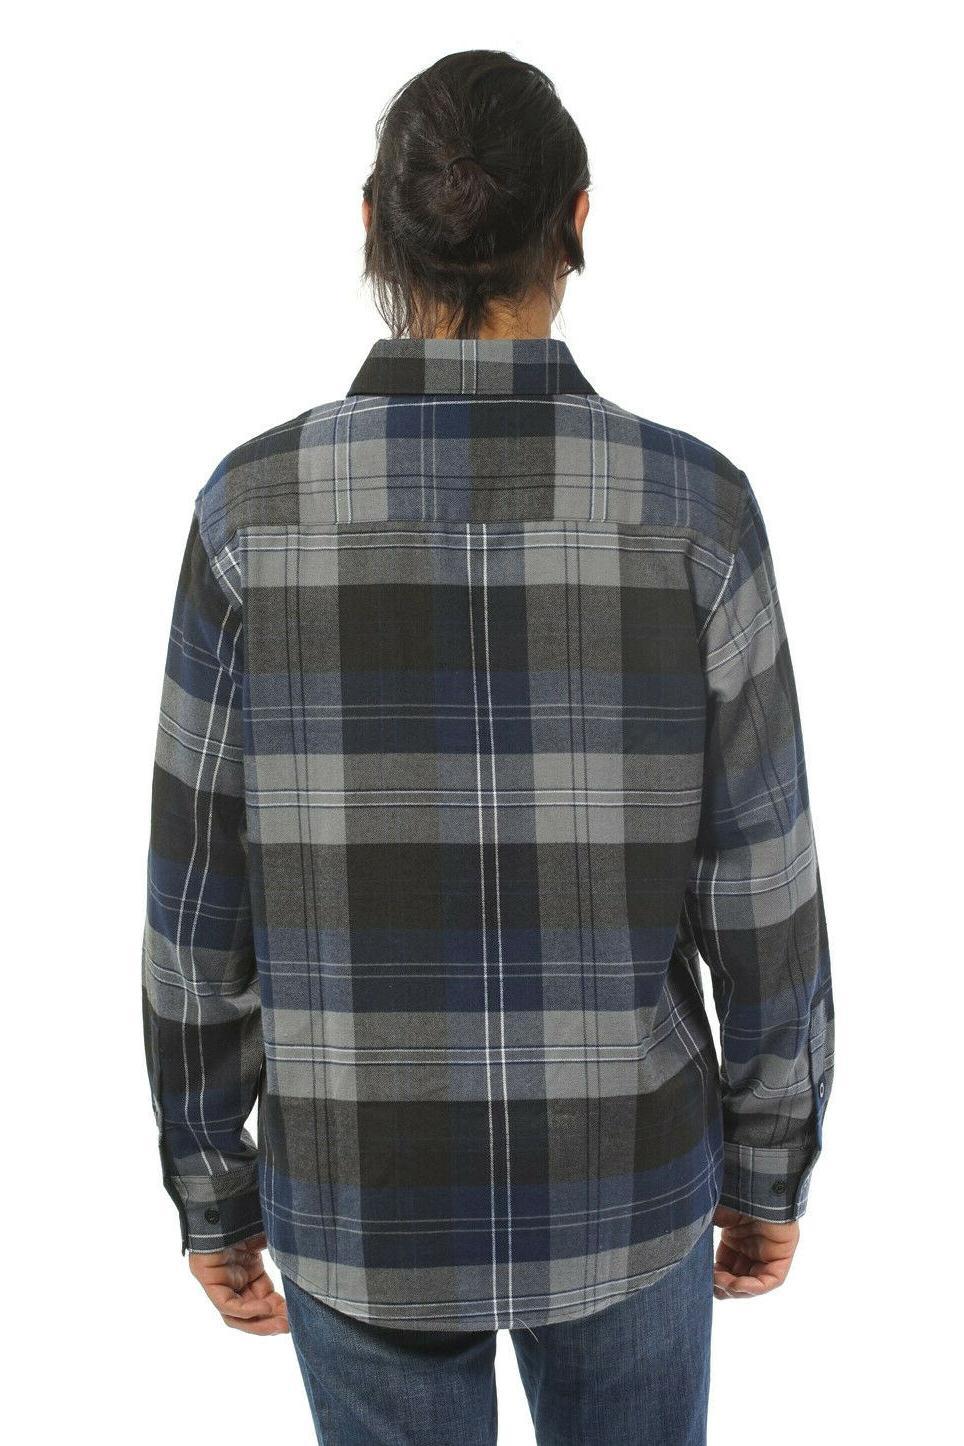 YAGO Men's Flannel Down Blue/2E